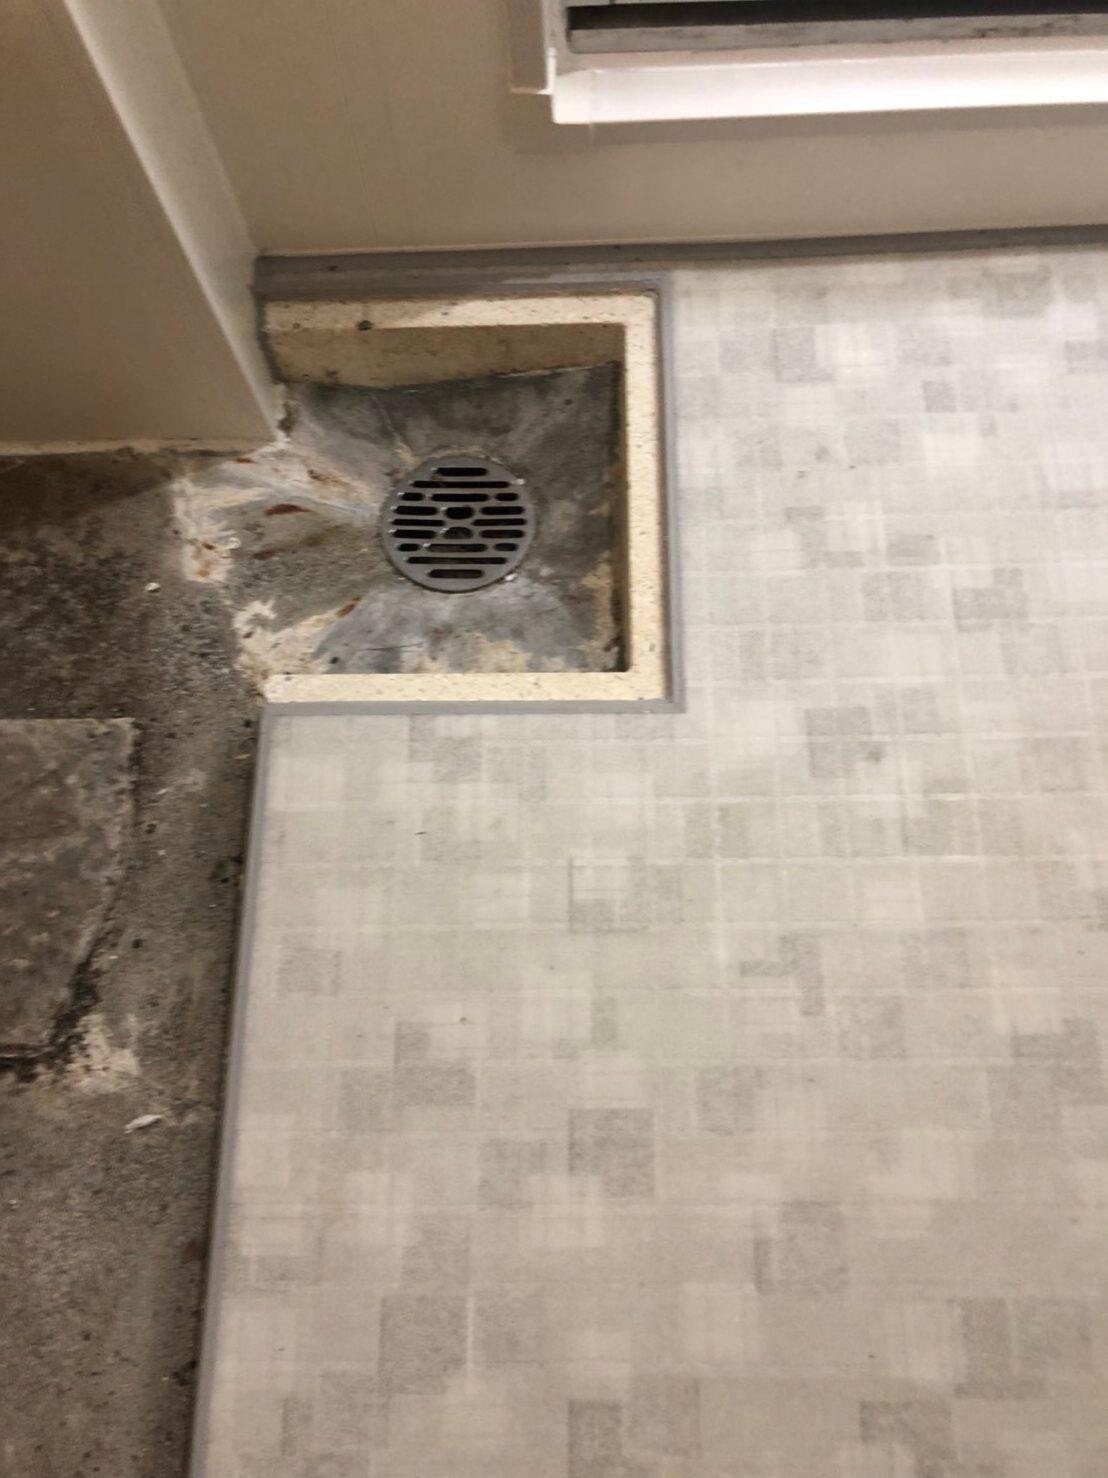 マンション 浴室リフォーム、浴室改修工事(神奈川県茅ケ崎市)